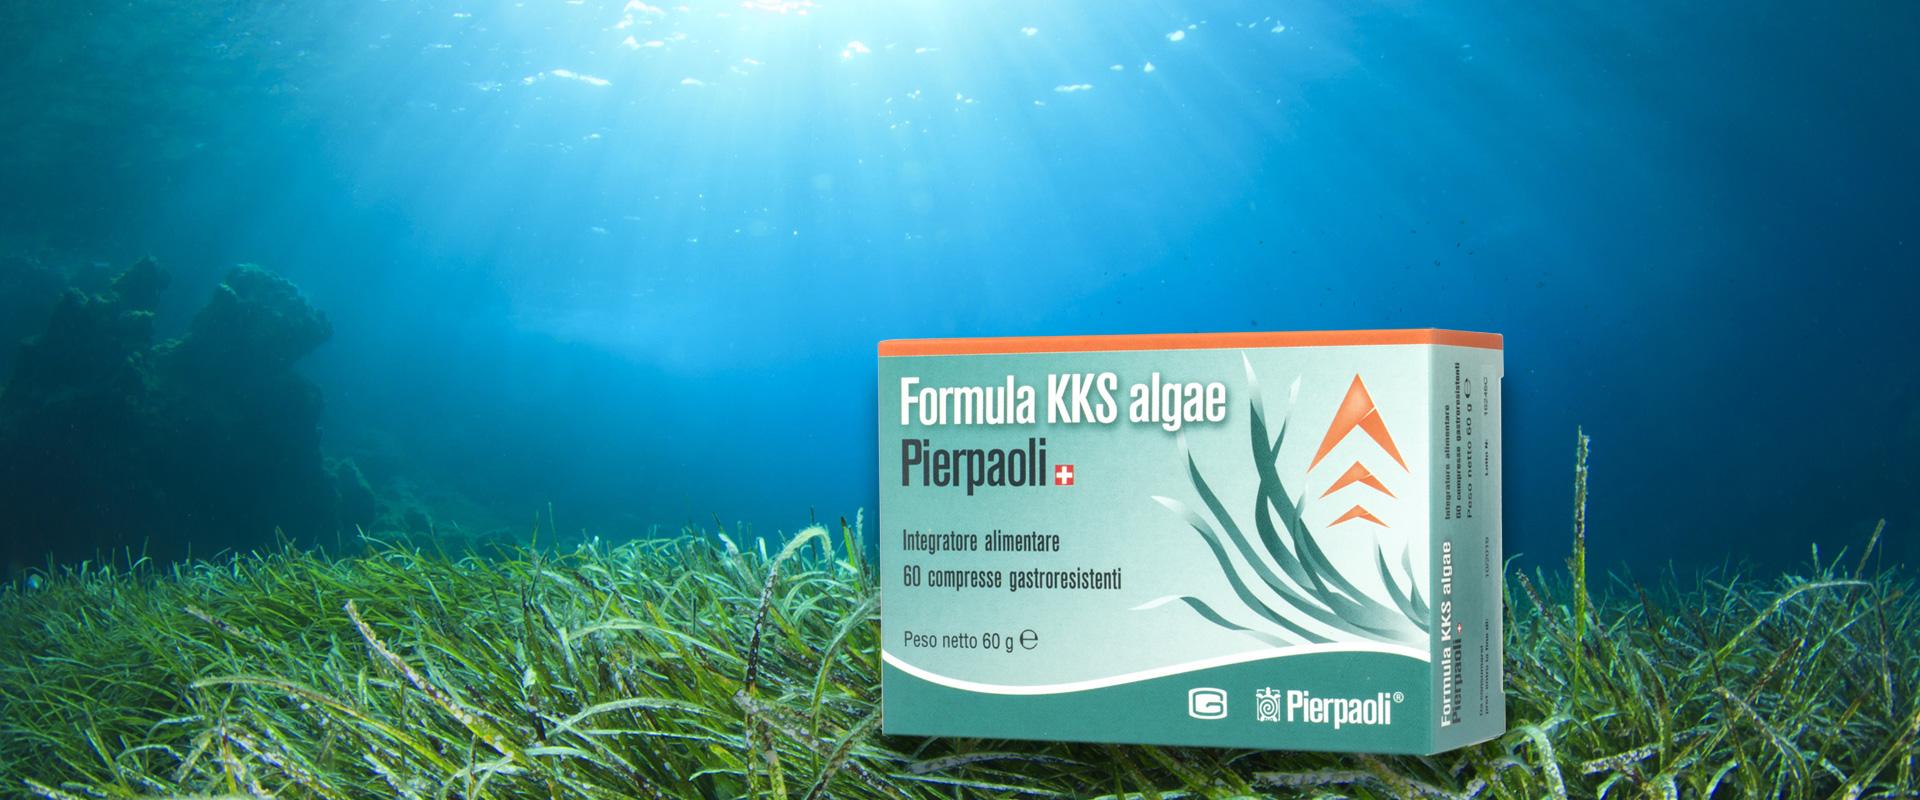 Alghe Dr. Pierpaoli